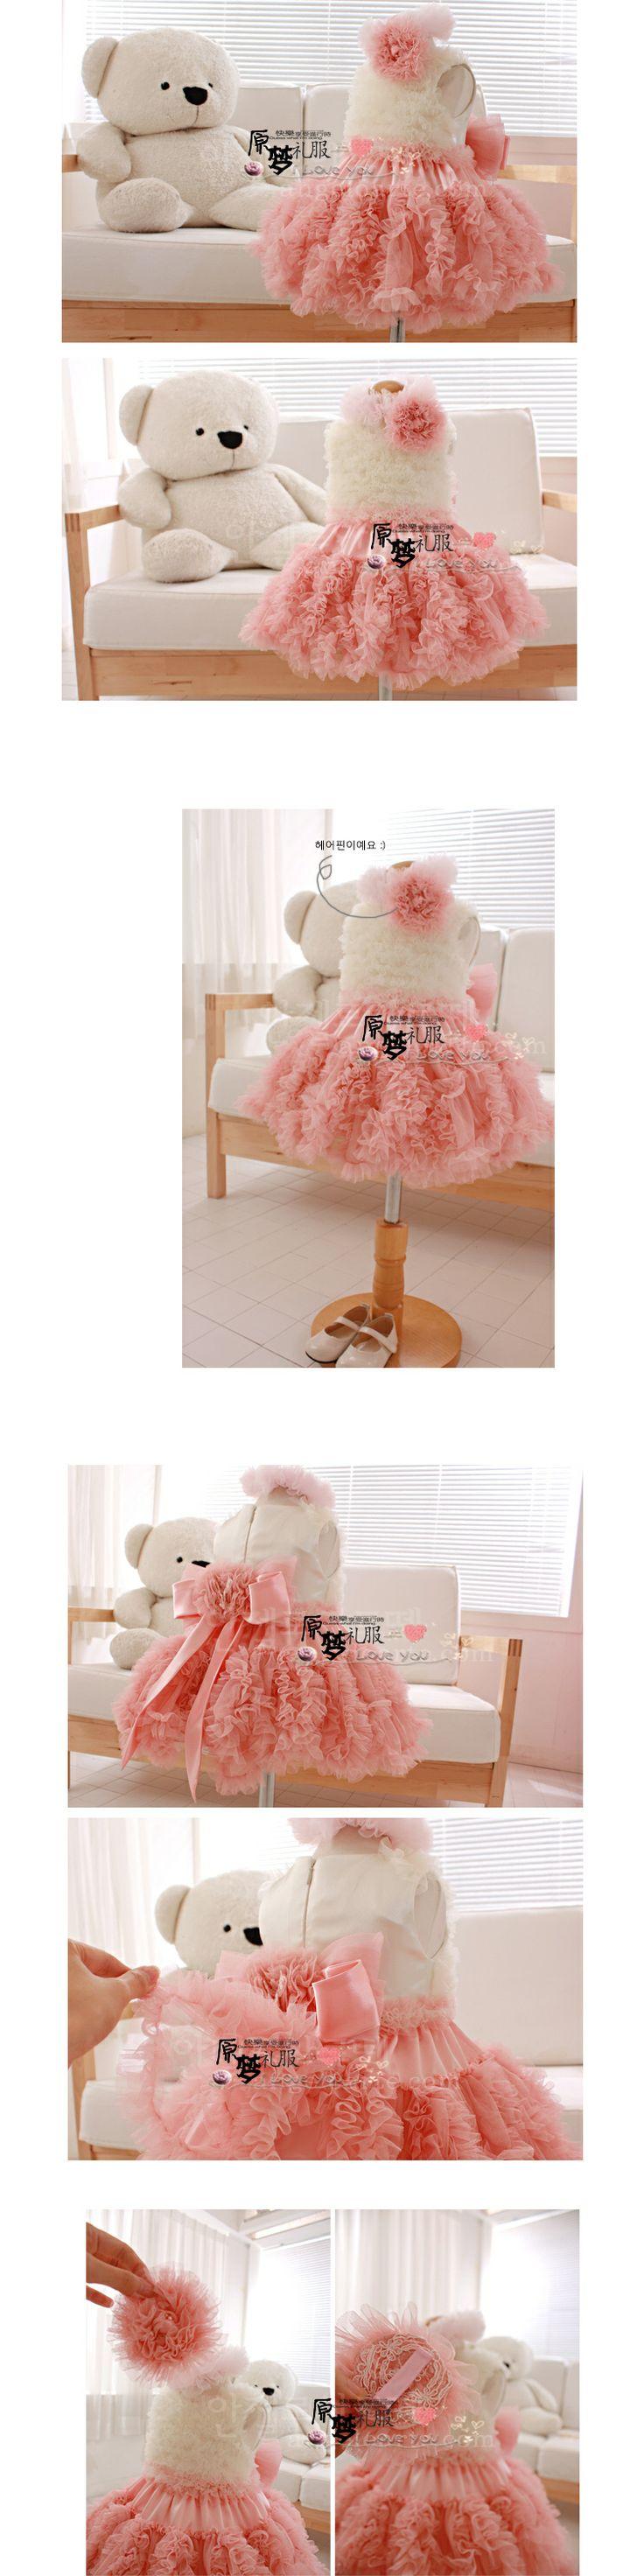 Новая зимняя детская в возрасте до ста дней маленький цветок девушка платье юбка принцесса юбка платье сто дней свадебной фотографии детской ...